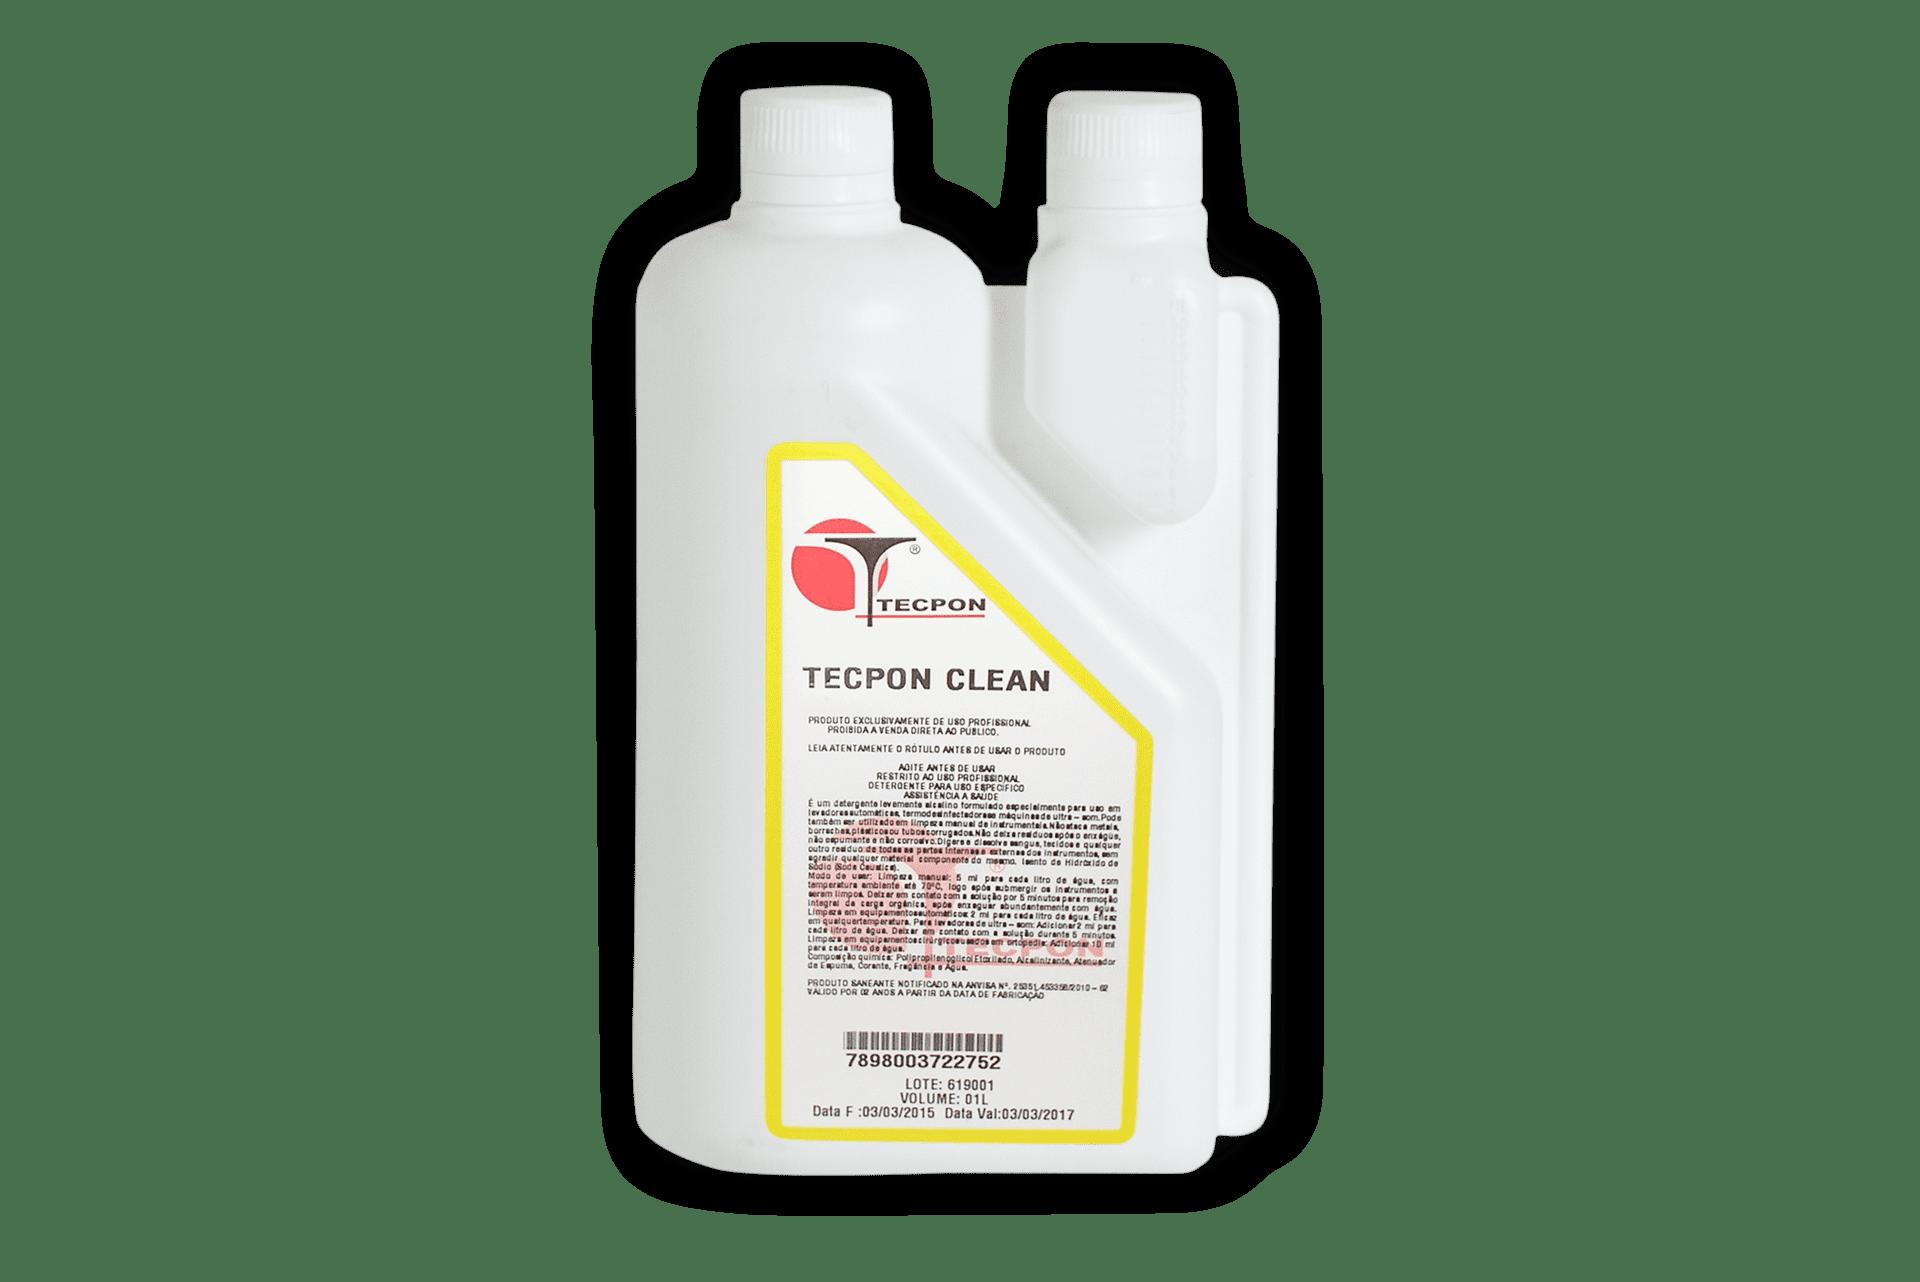 Foto do produto Tecpon Clean 1 Litro para visualização